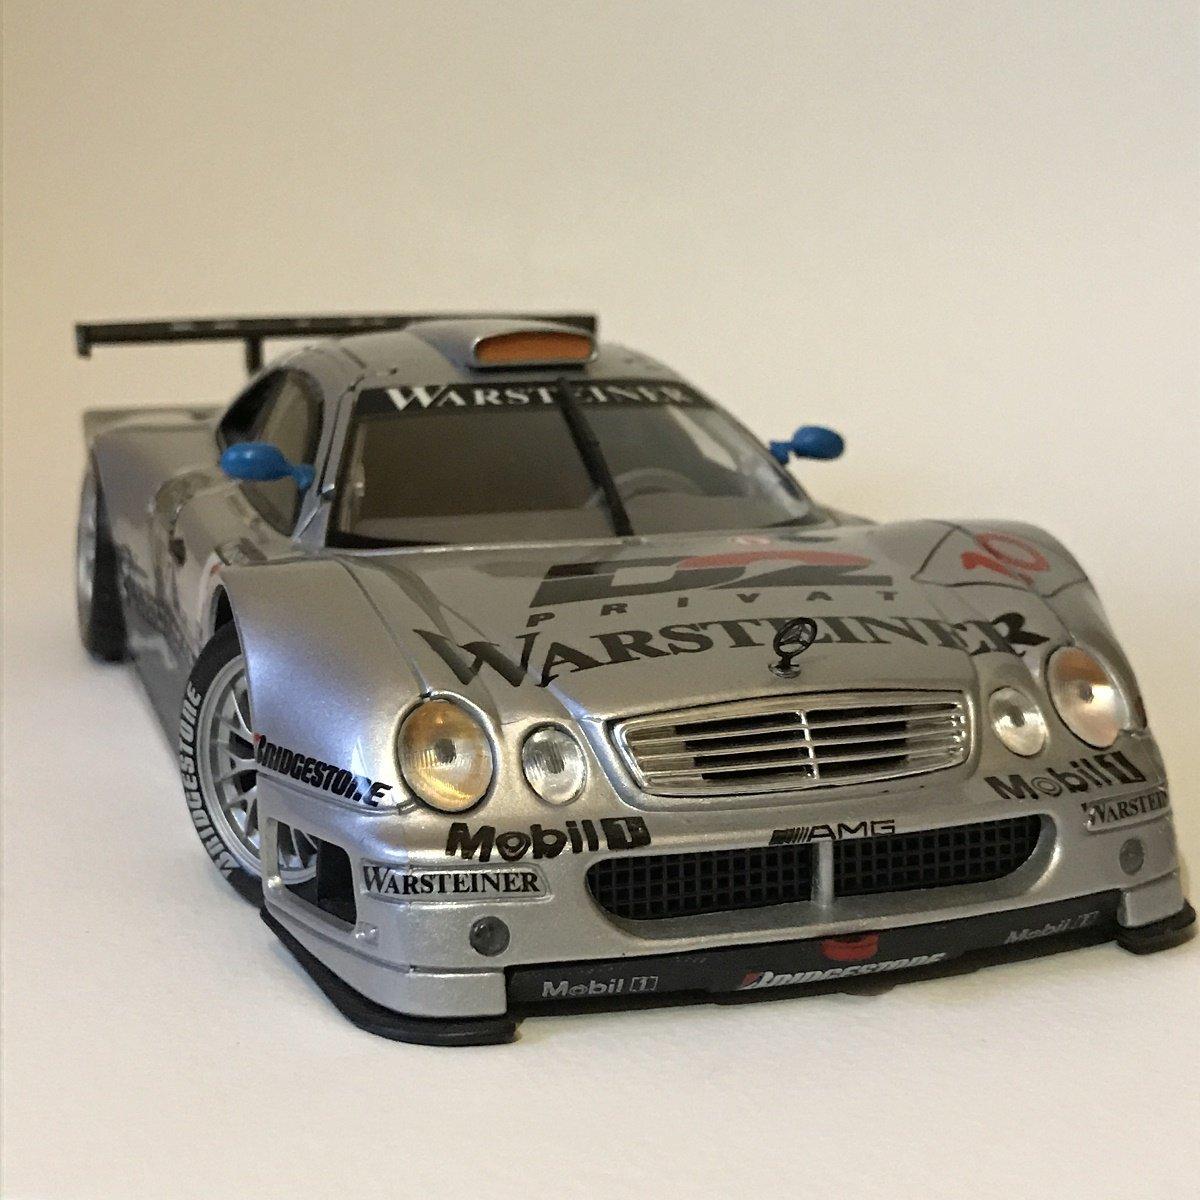 Maisto 1/18 Scale diecast - 38848 Mercedes Benz CLK GTR #12 B005FAP7D0